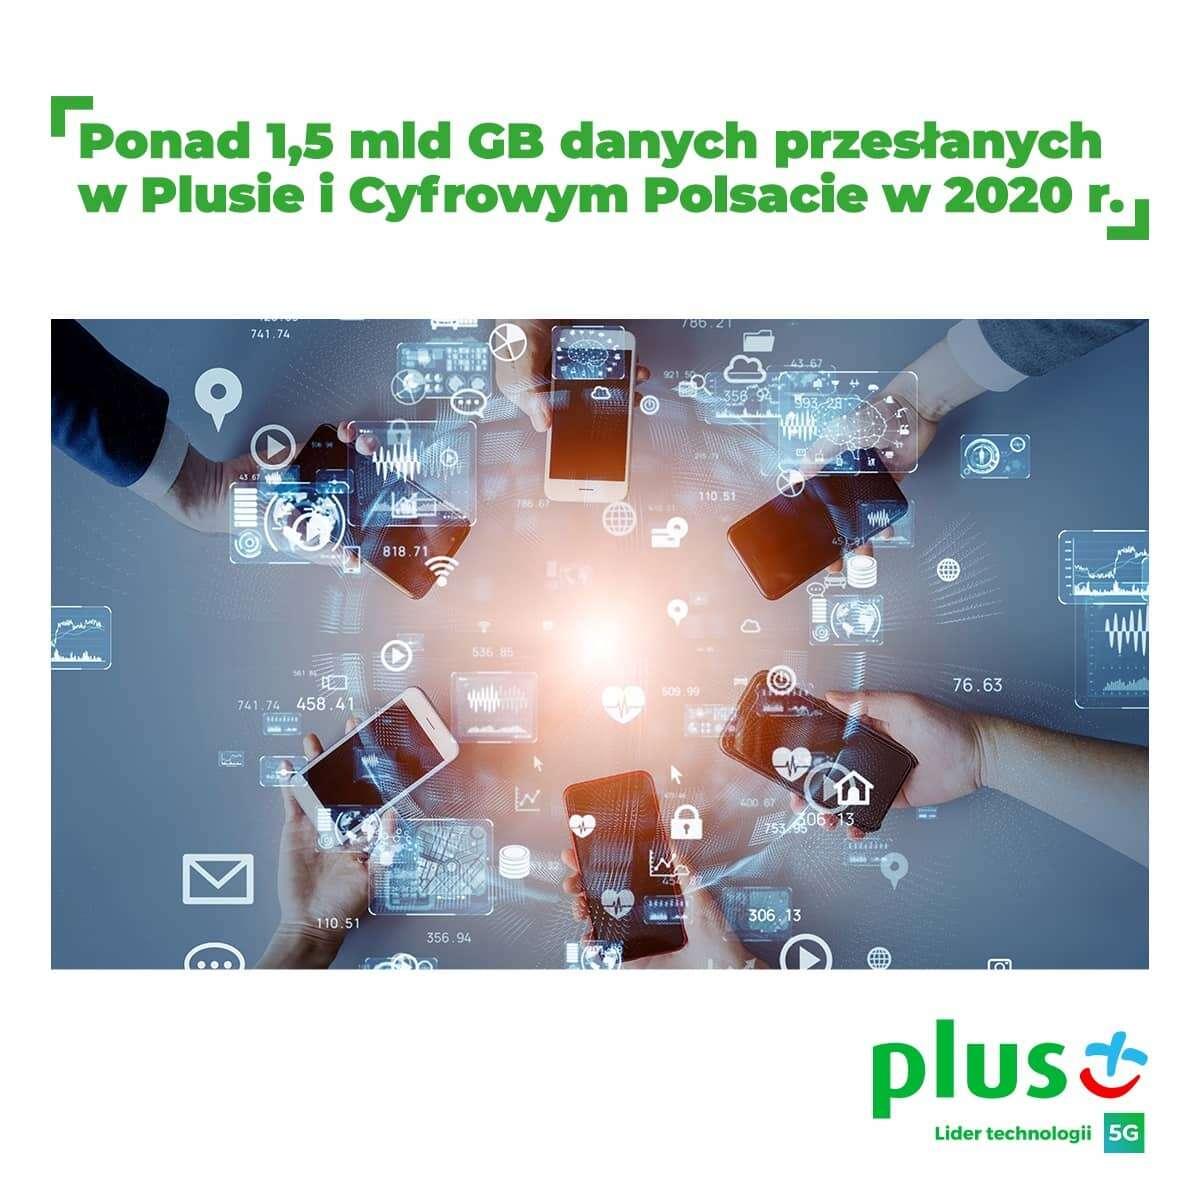 Plus i Cyfrowy Polsat, przesył danych